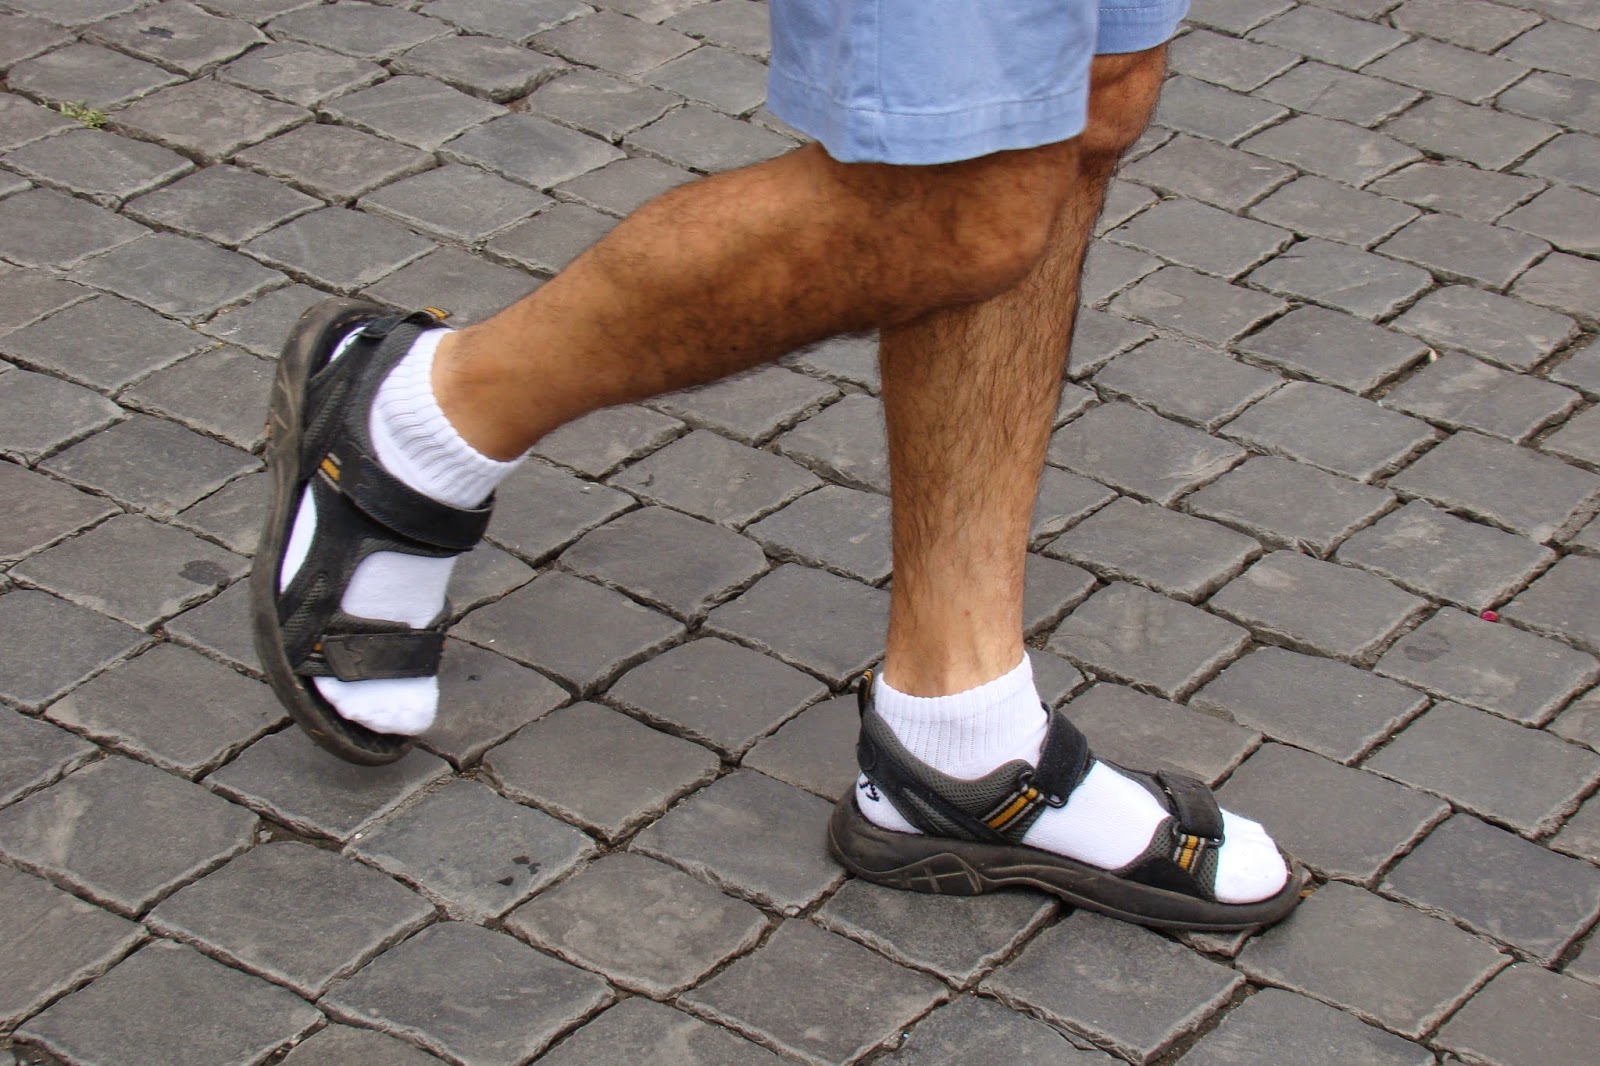 Sandalias con calcetines blancos, máximo estilo